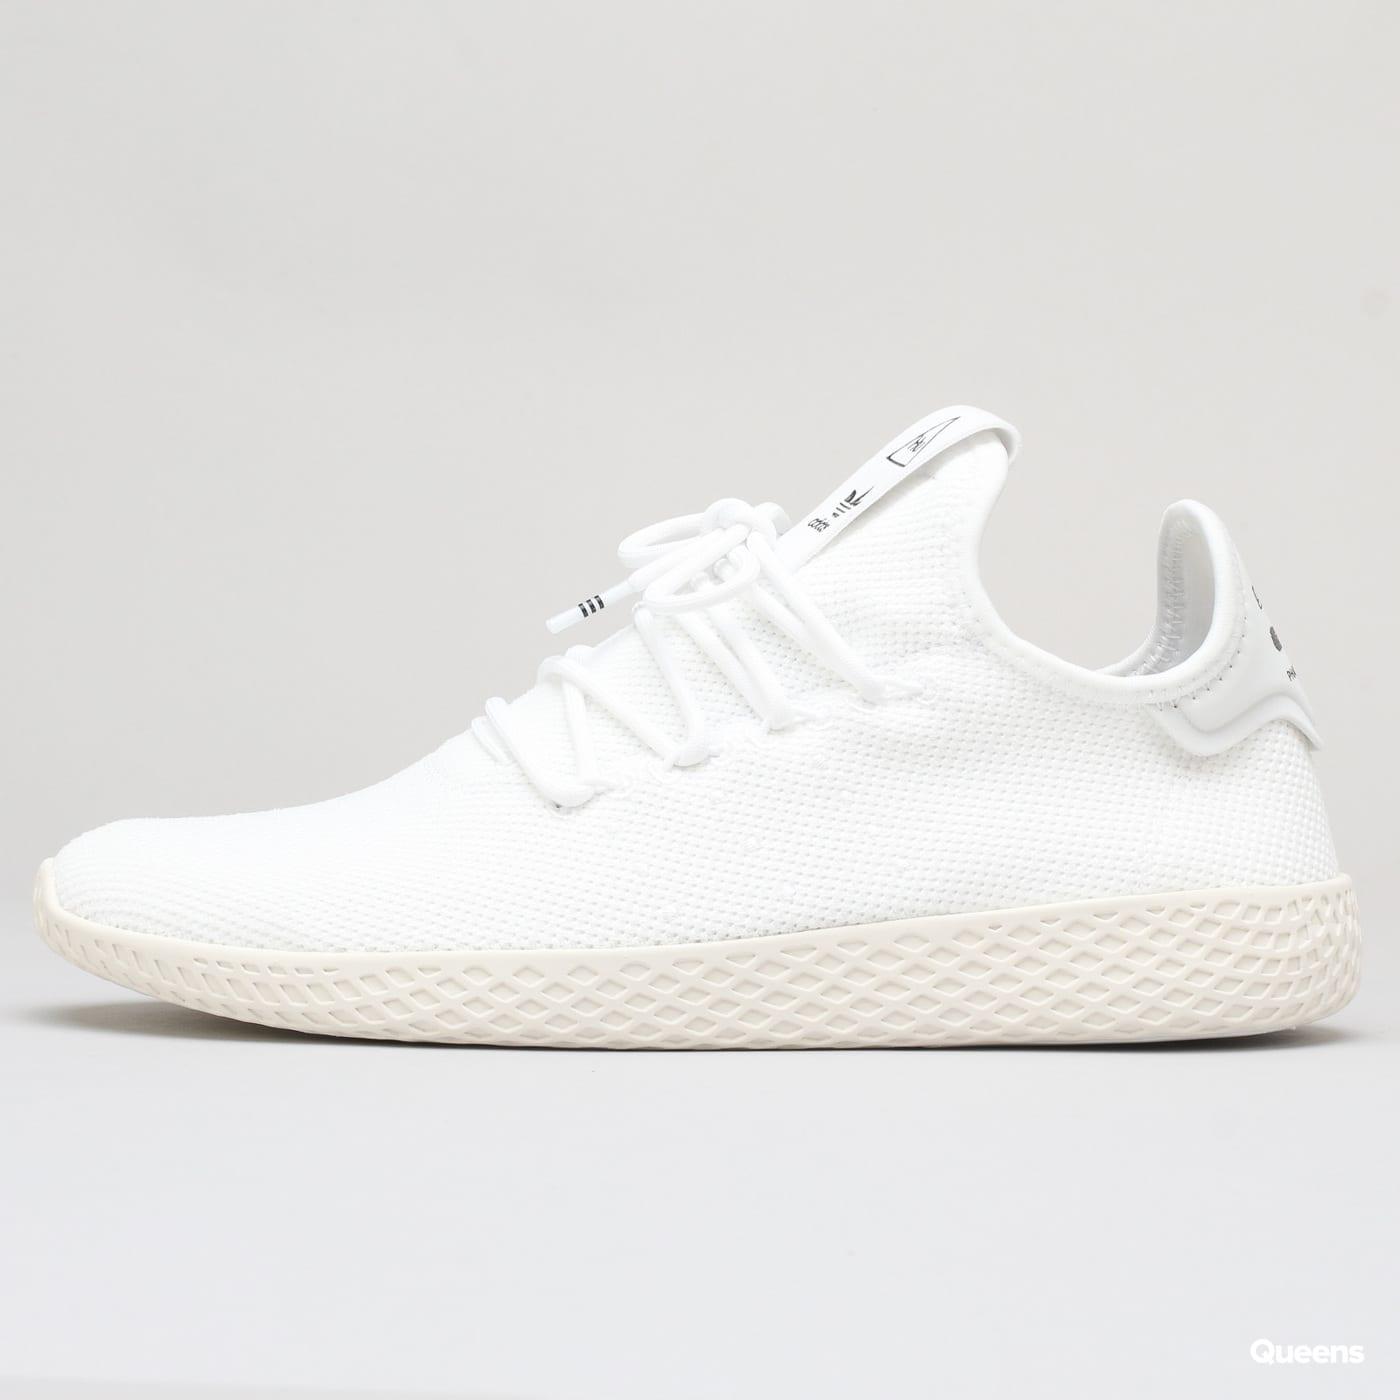 Zoom in Zoom in Zoom in Zoom in Zoom in. adidas Pharrell Williams Tennis HU  ftwwht   ftwwht   cwhite 7cd3011b1